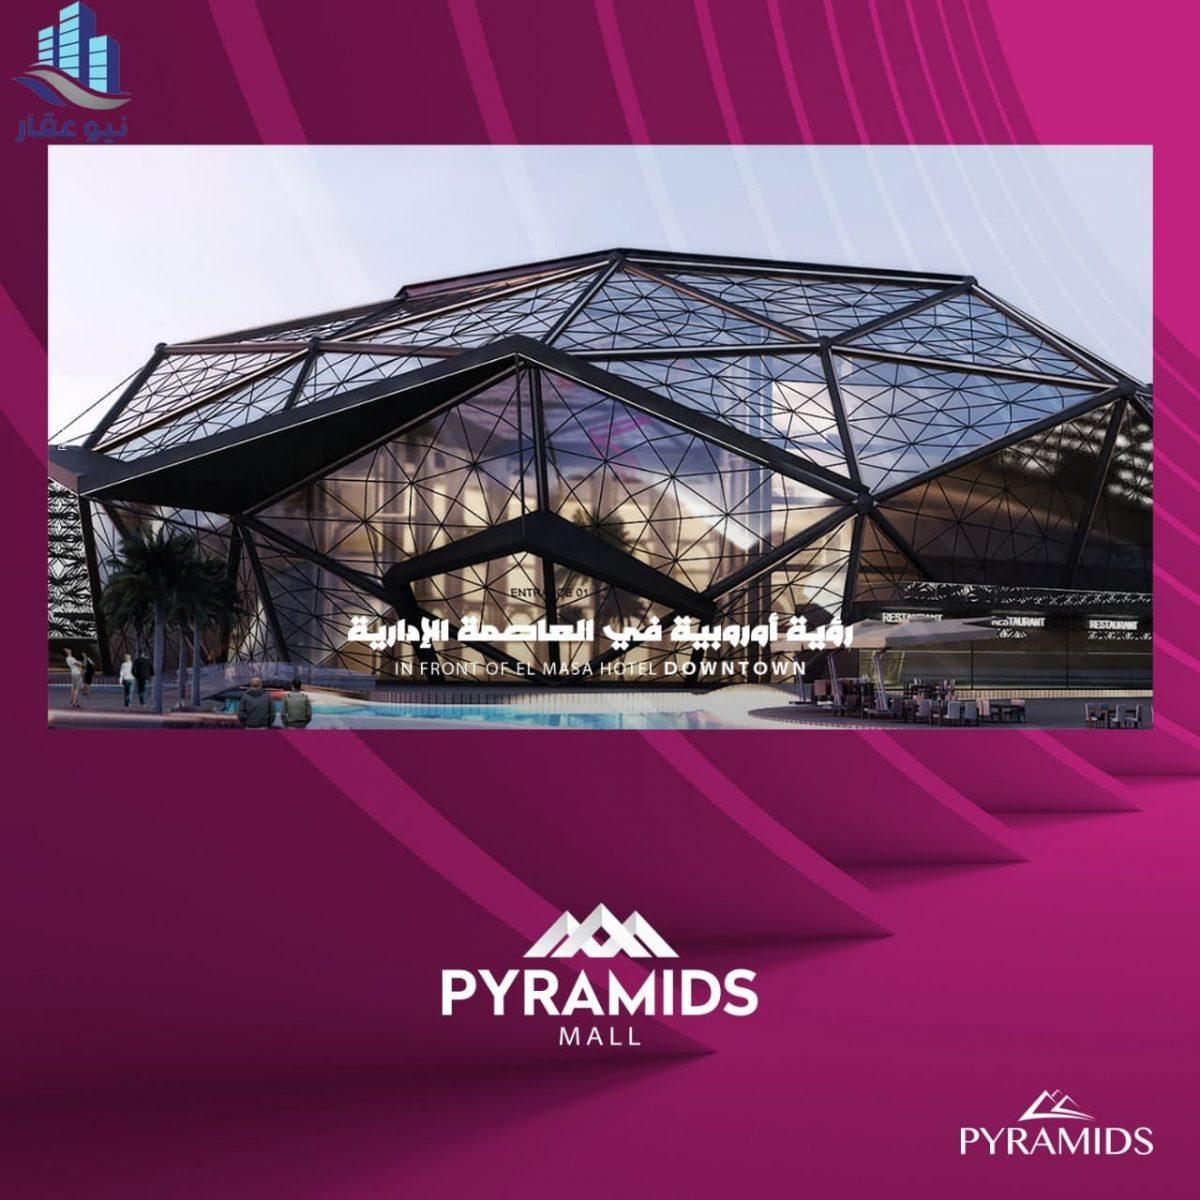 بيراميدز مول العاصمة الإدارية الجديدة|pyramids mall new capital